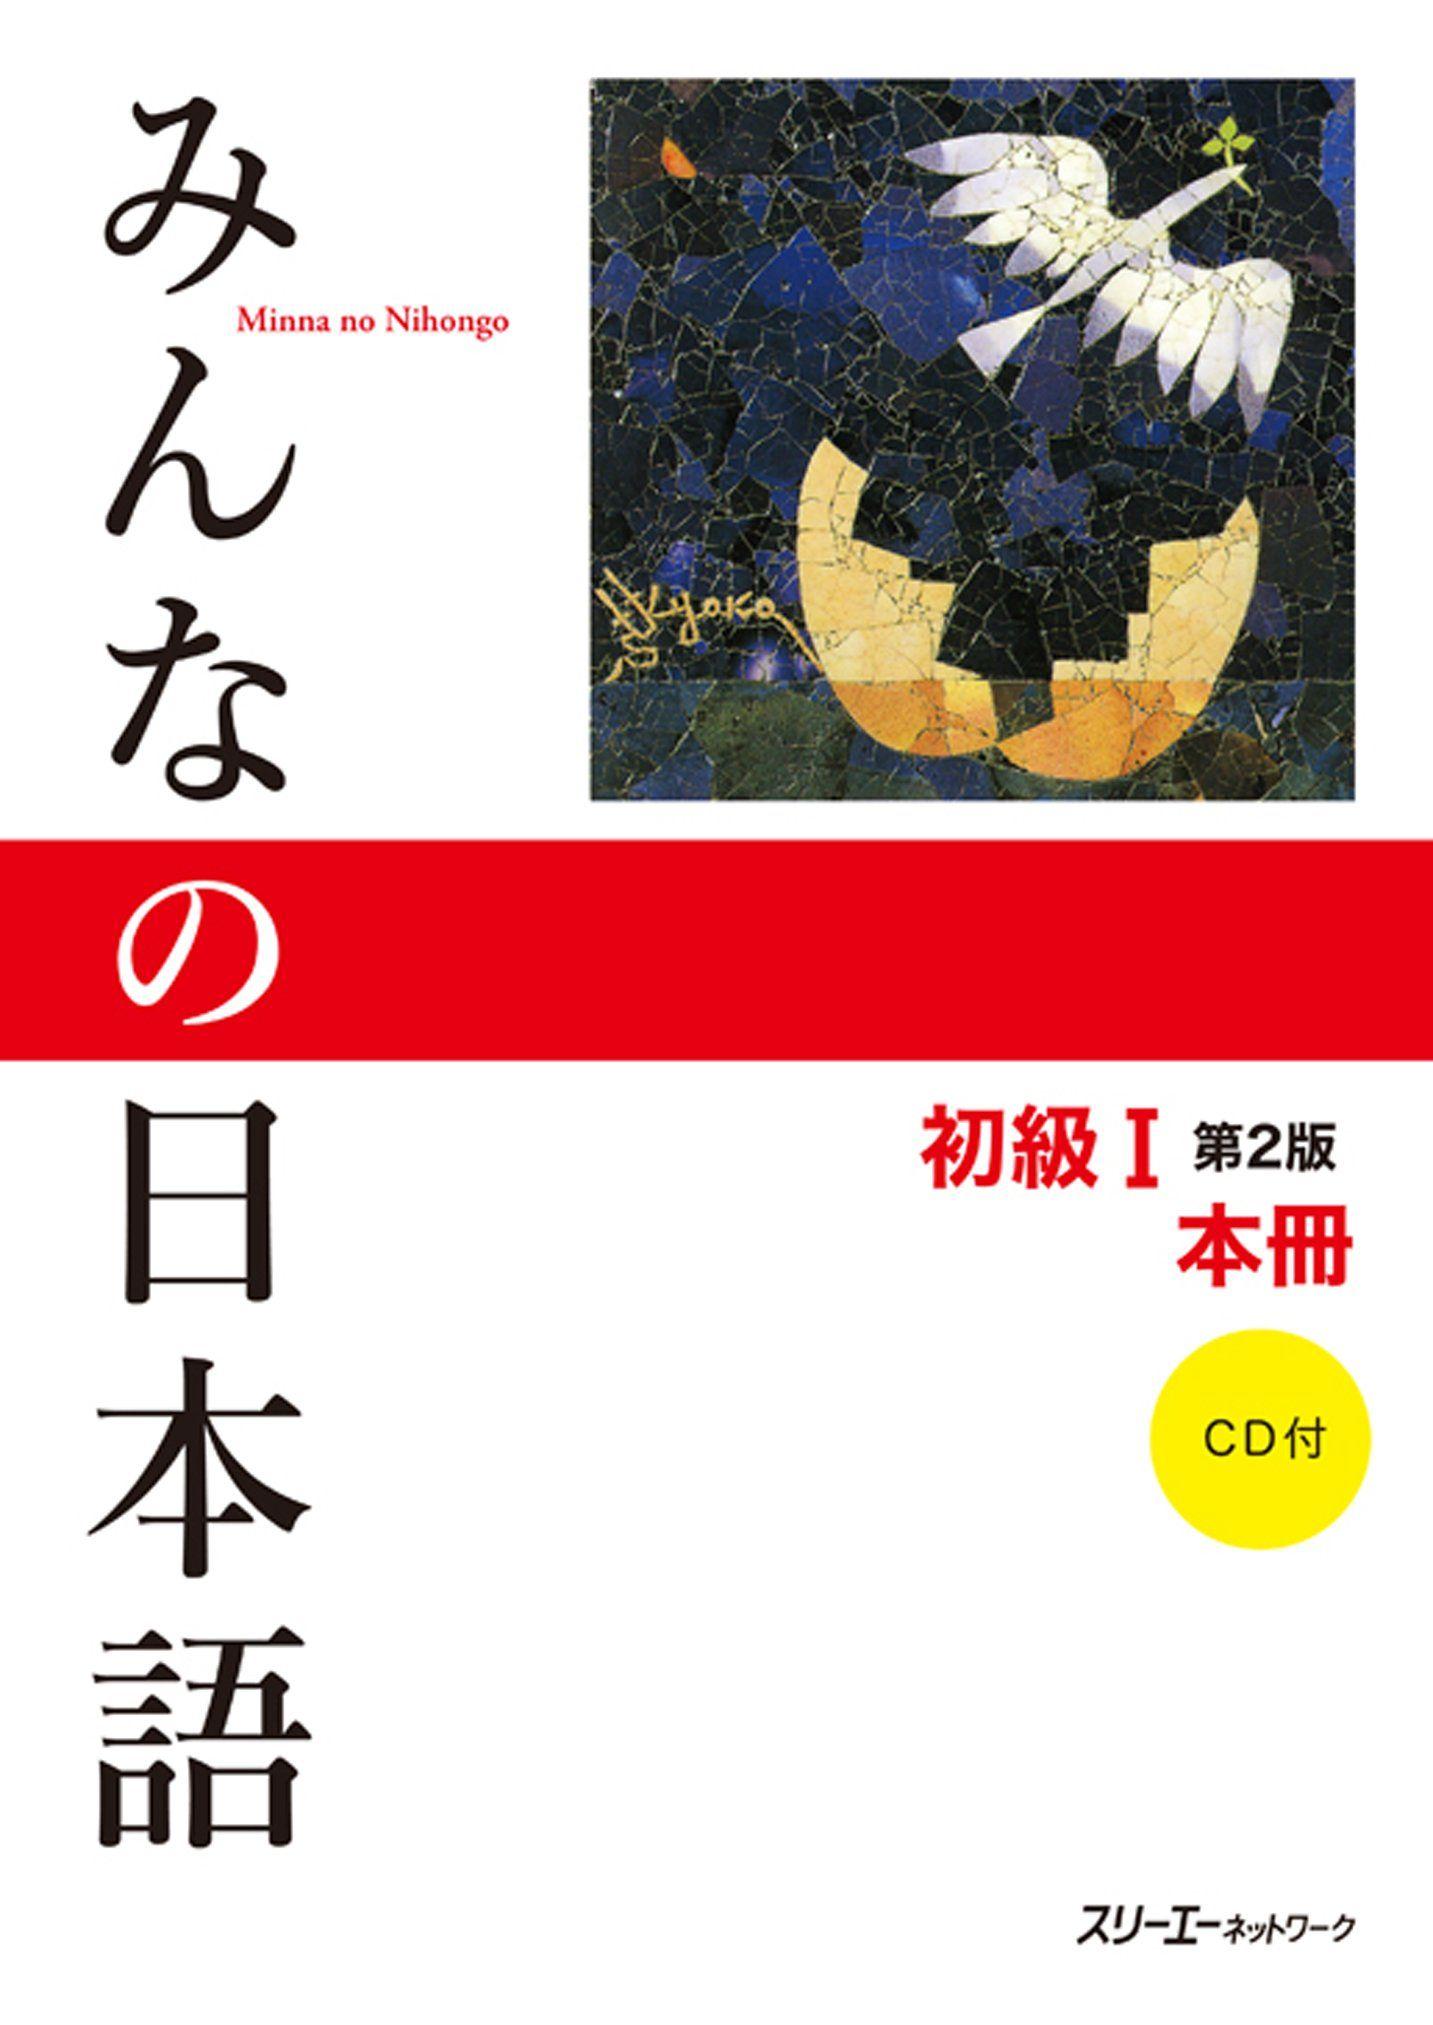 Minna no Nihongo Shokyu 1 Honsatsu (Textbook) (With images